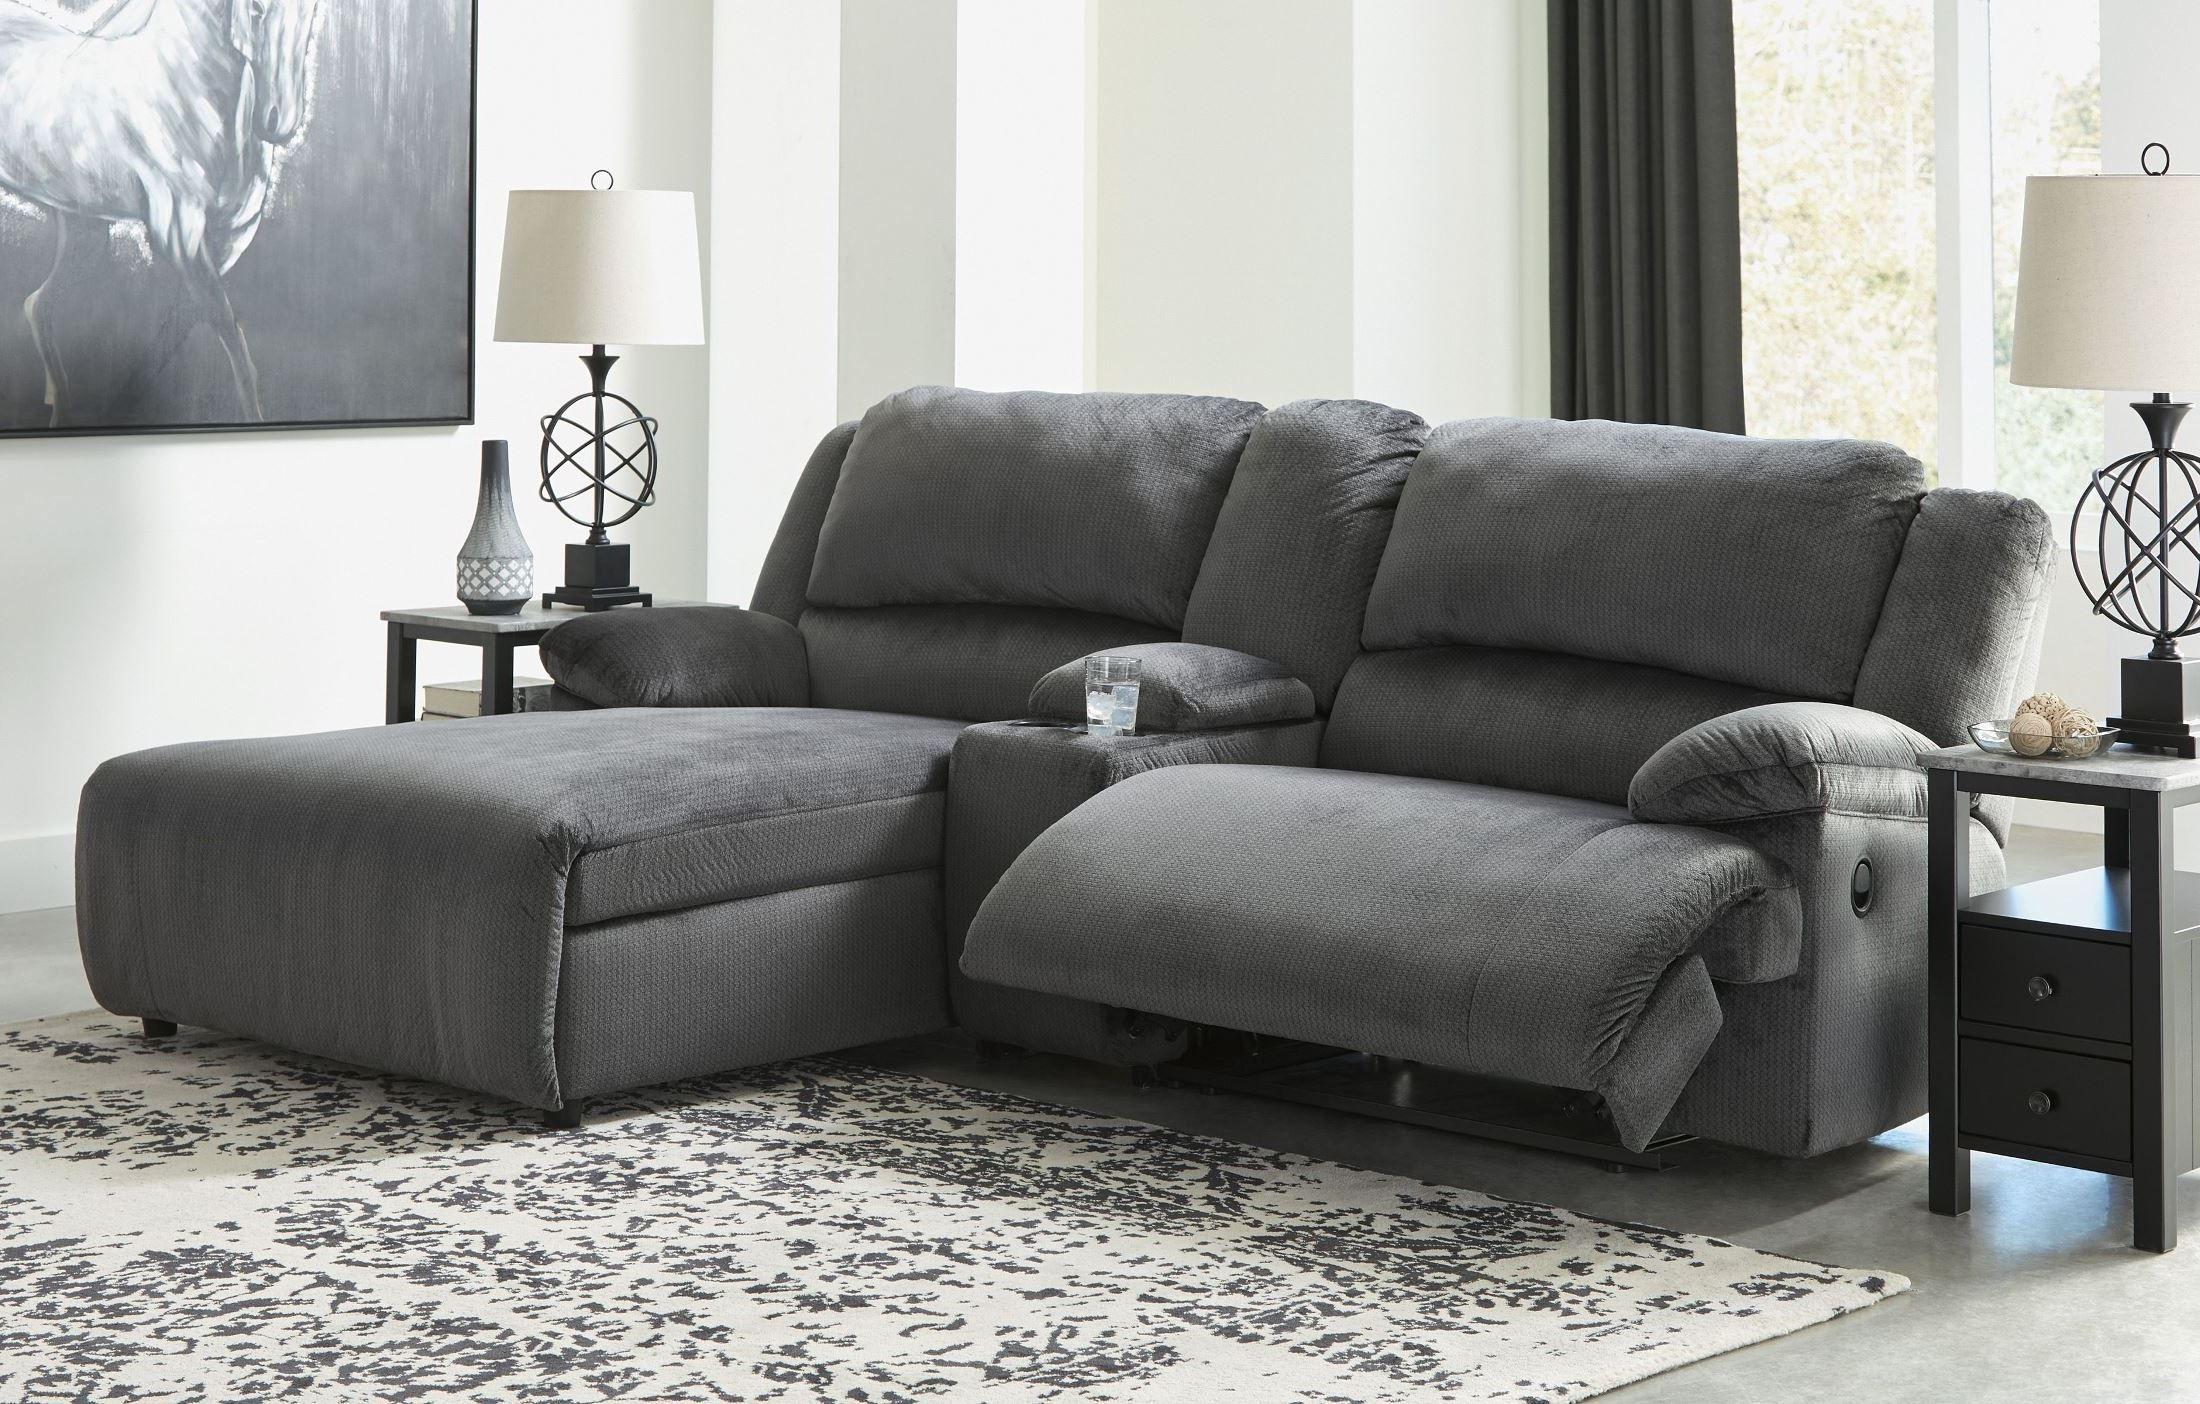 Clonmel Charcoal Small Power Reclining Raf Sectional In 2020 Reclining Sectional With Chaise Sectional Sofa With Recliner Small Sectional Sofa